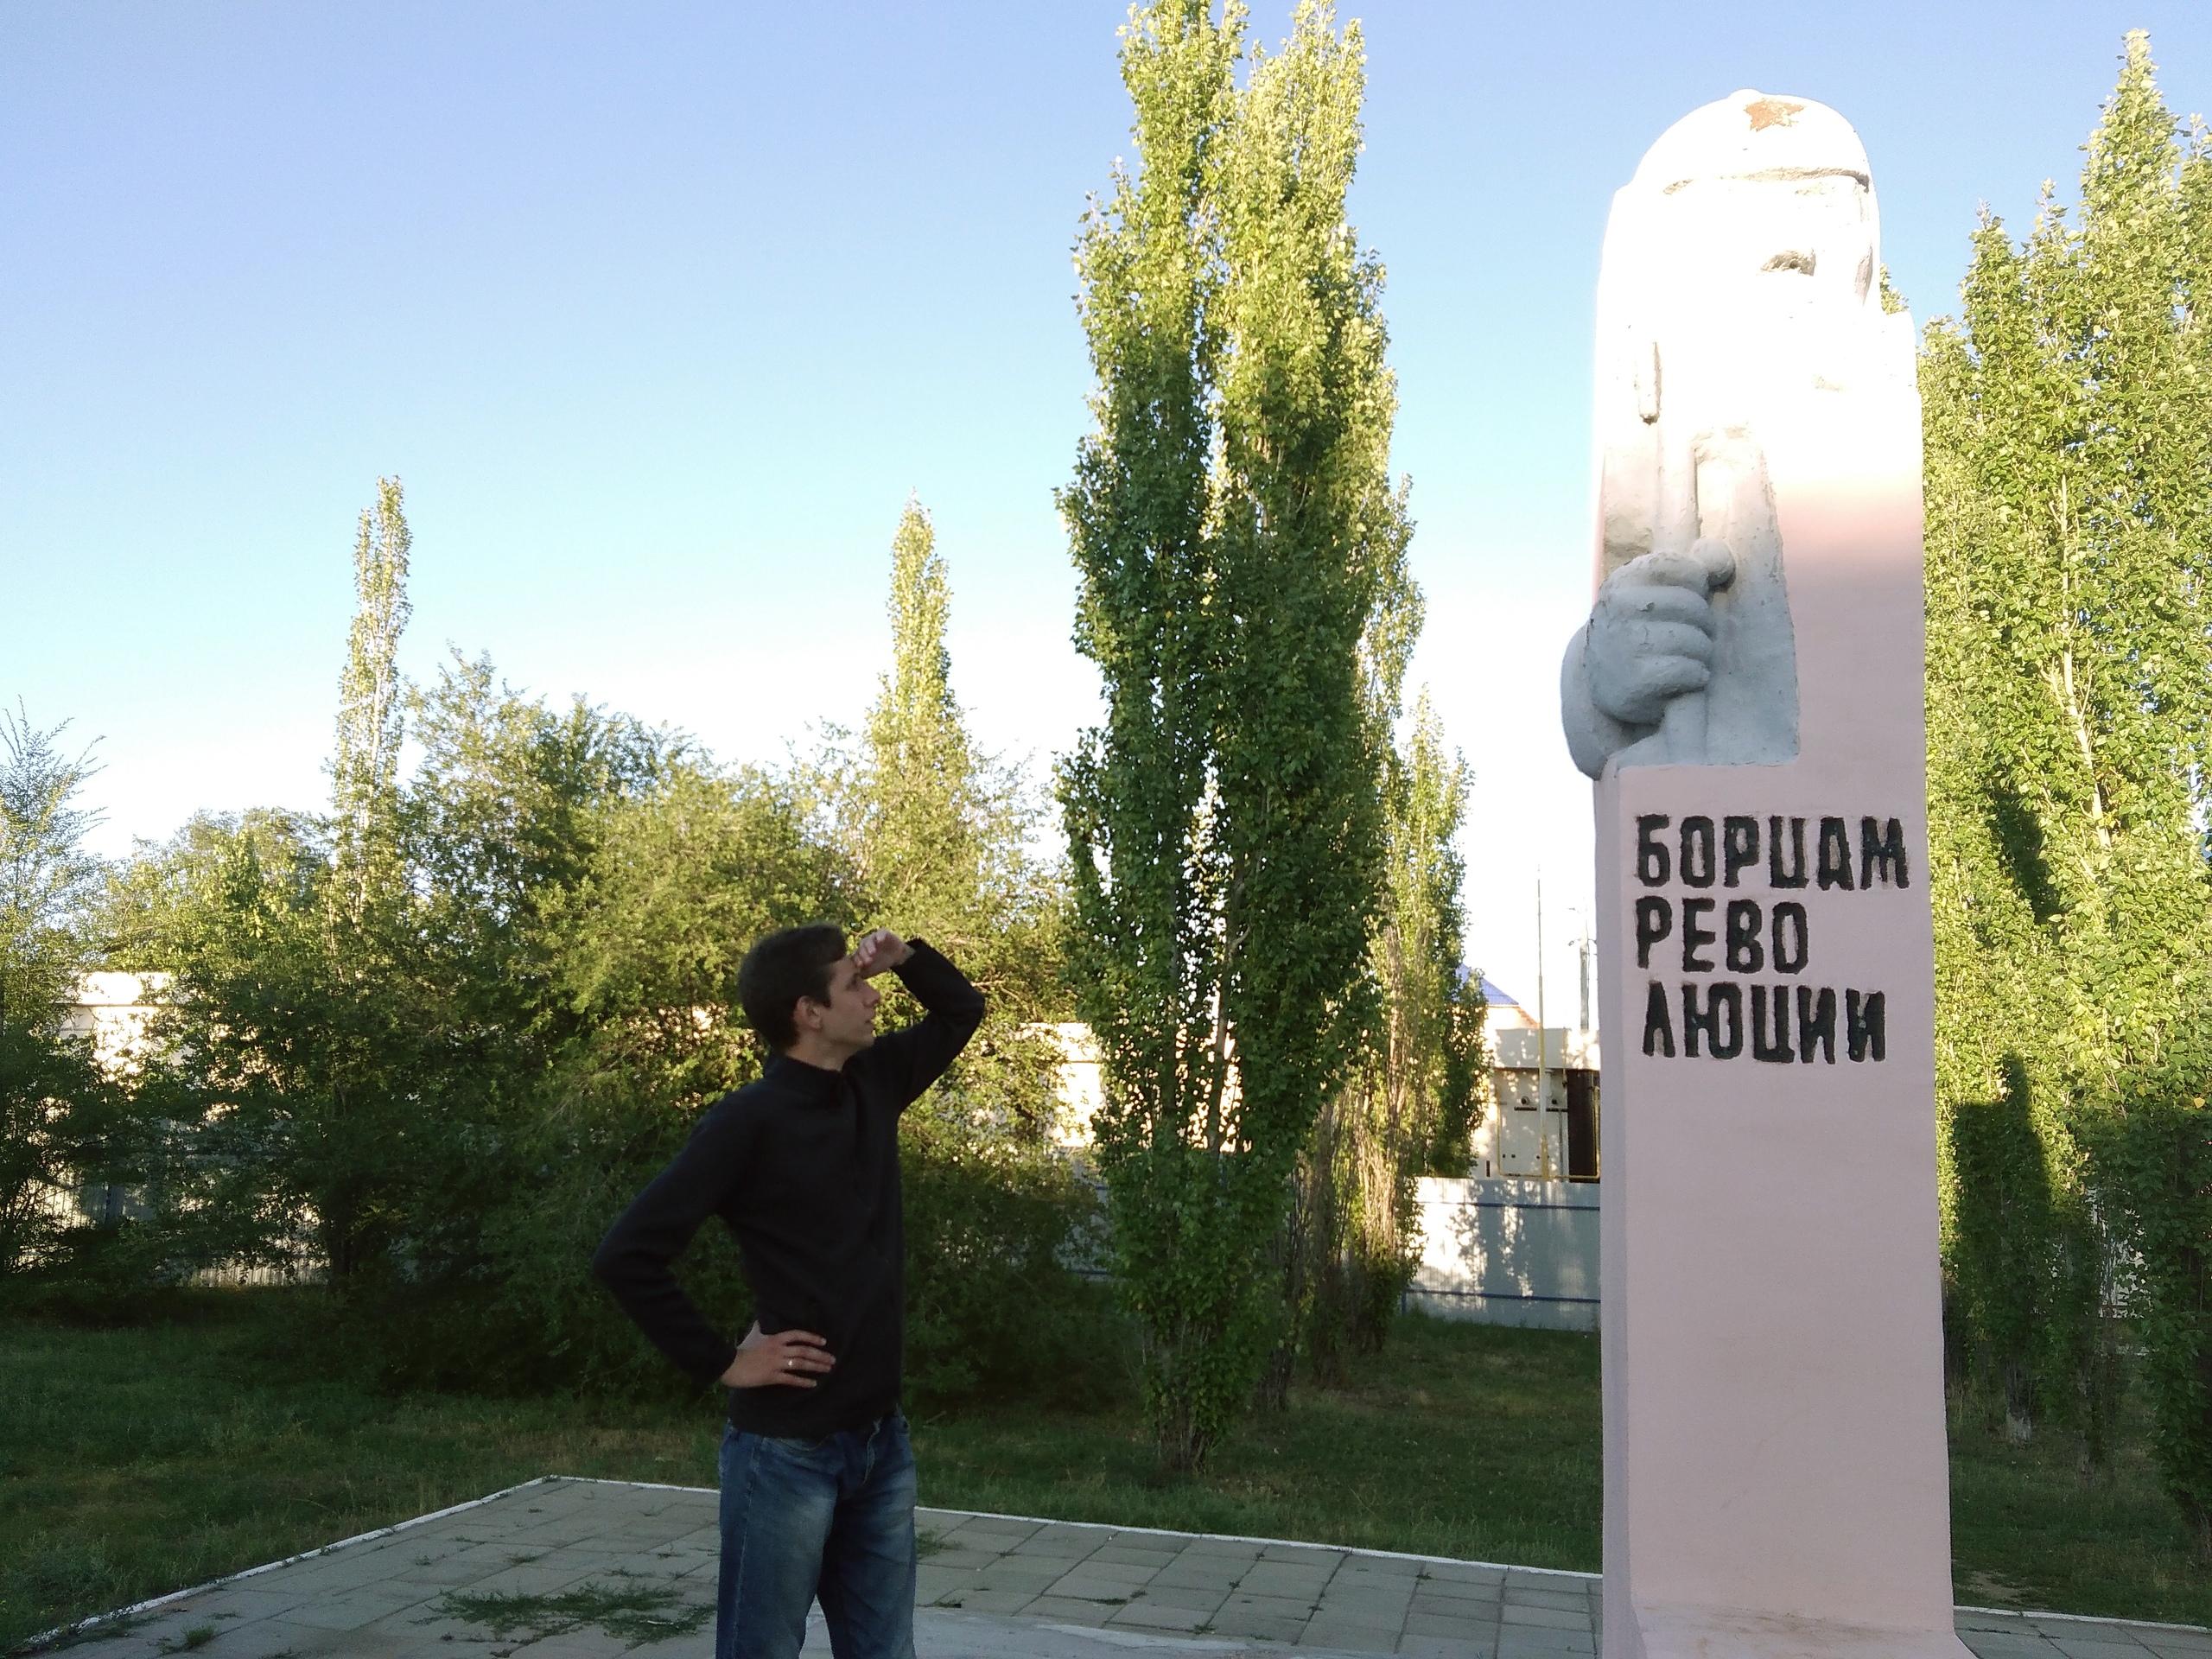 Памятник борцам Революции в Соль-Илецке